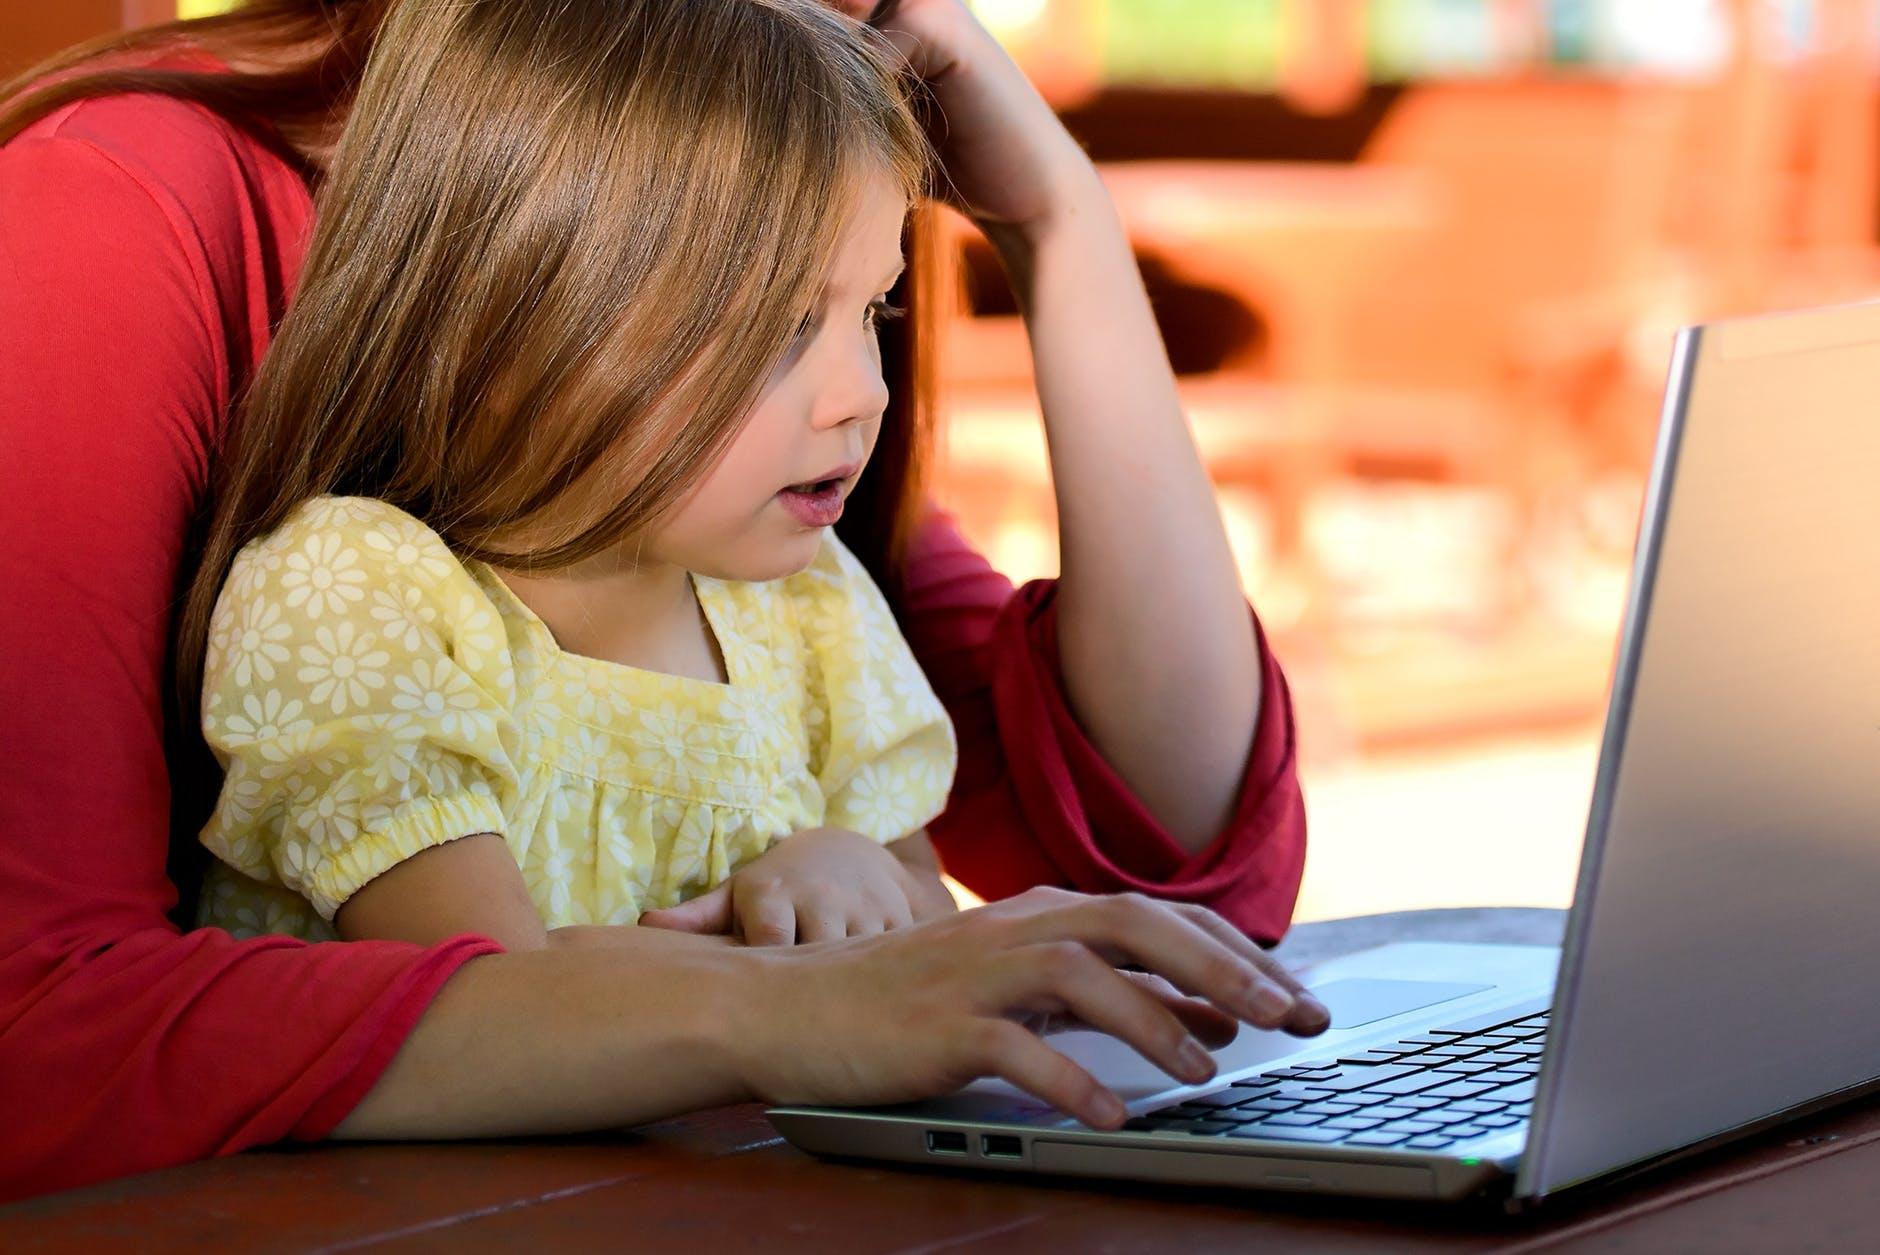 Не варто занадто контролювати дитину в інтернеті